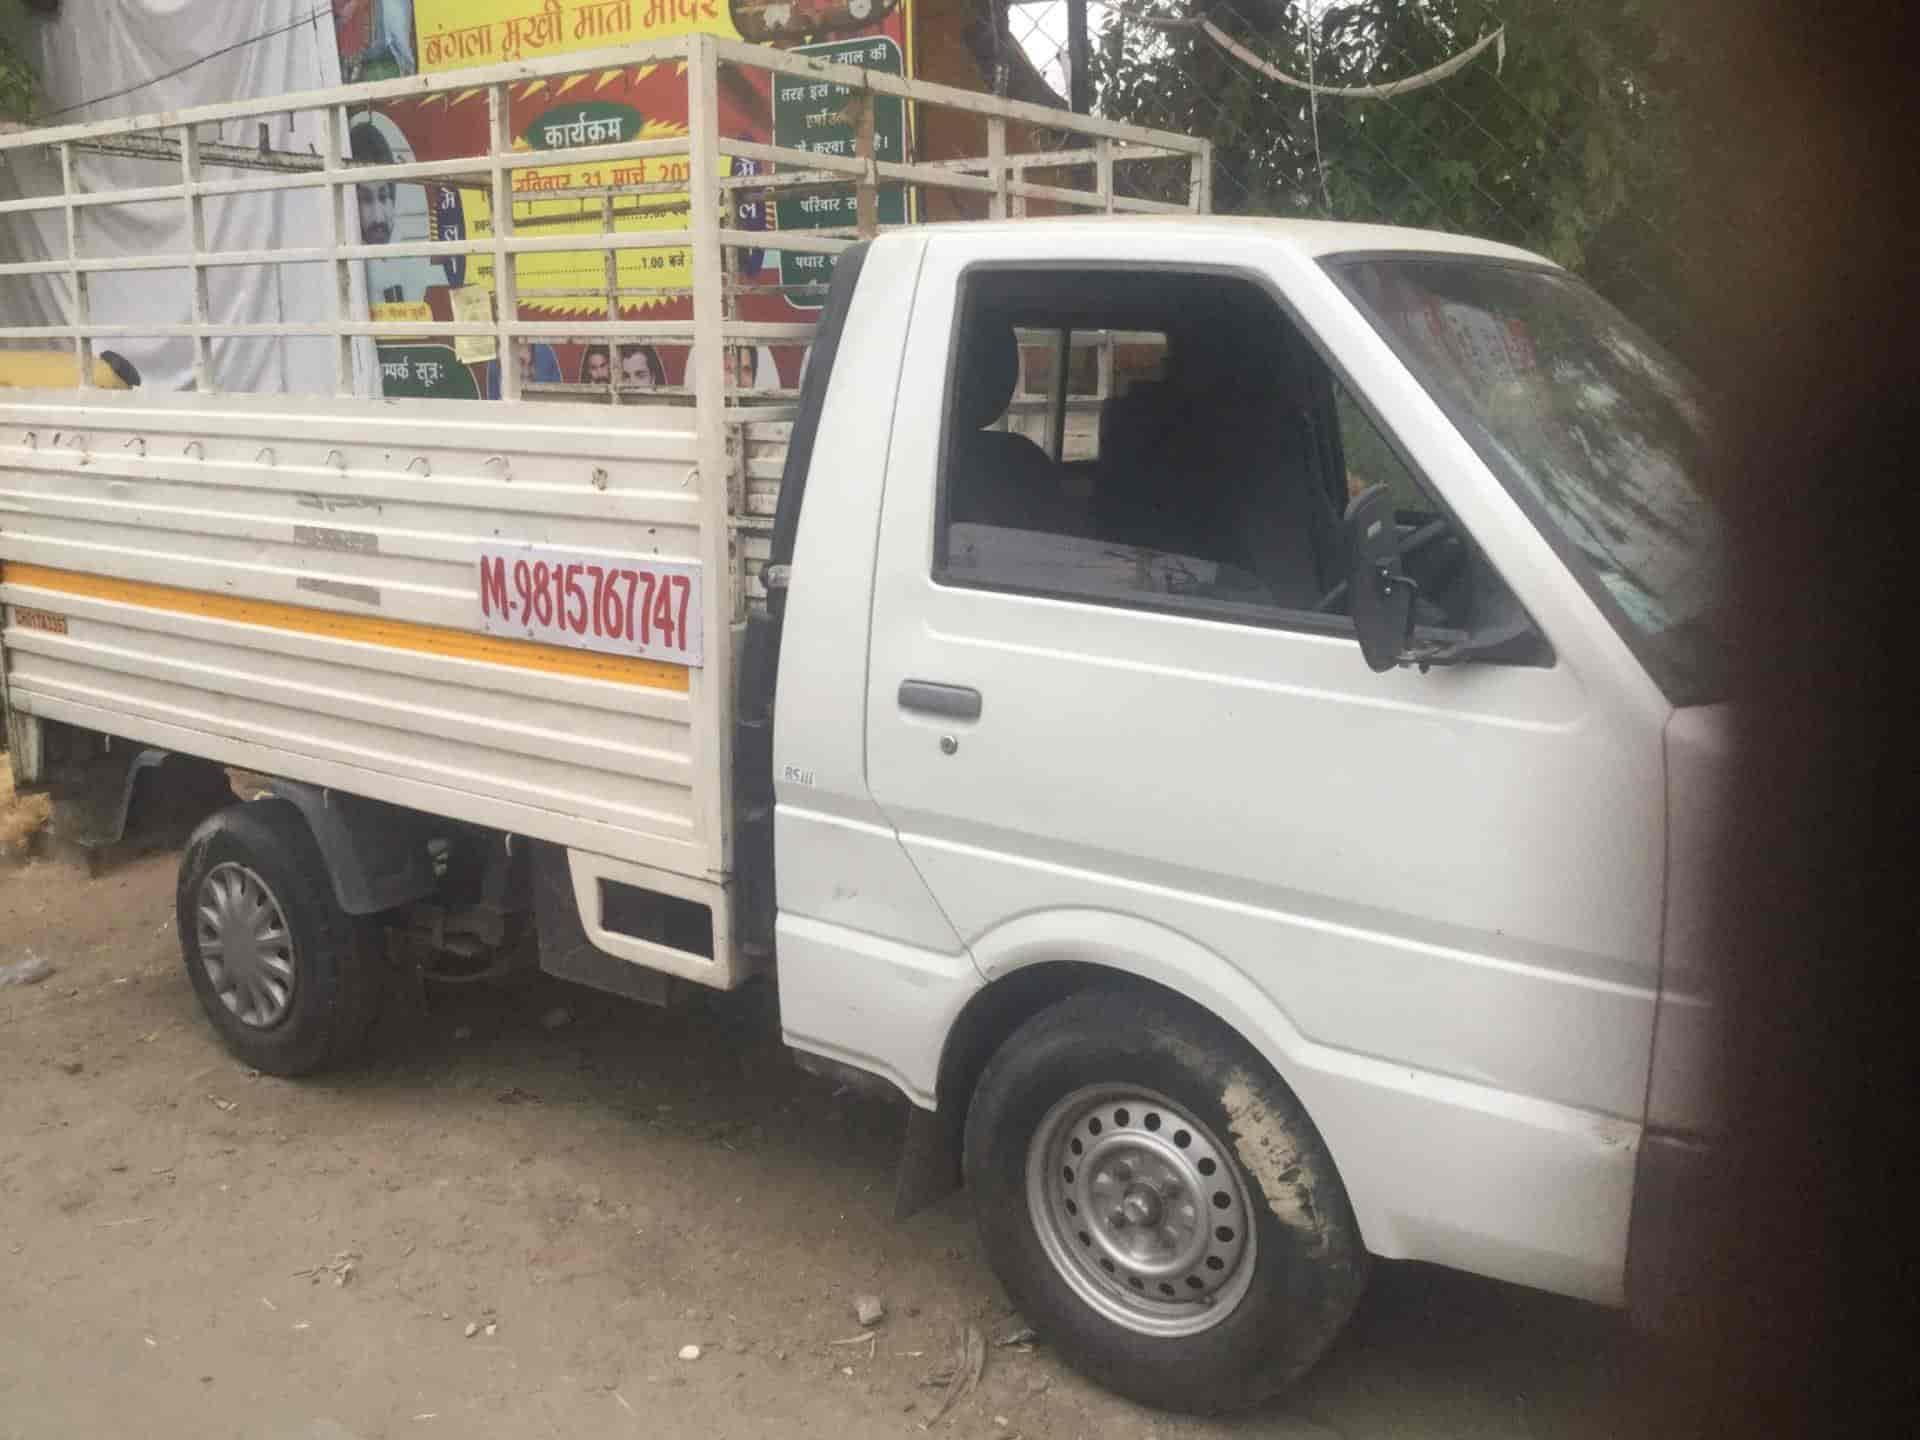 Top 30 Tata Ace Mini Trucks On Hire In Chandigarh म न ट रक स ह र ट ट ऐस च ड गढ Best Tata Ace Mini Trucks On Hire Justdial